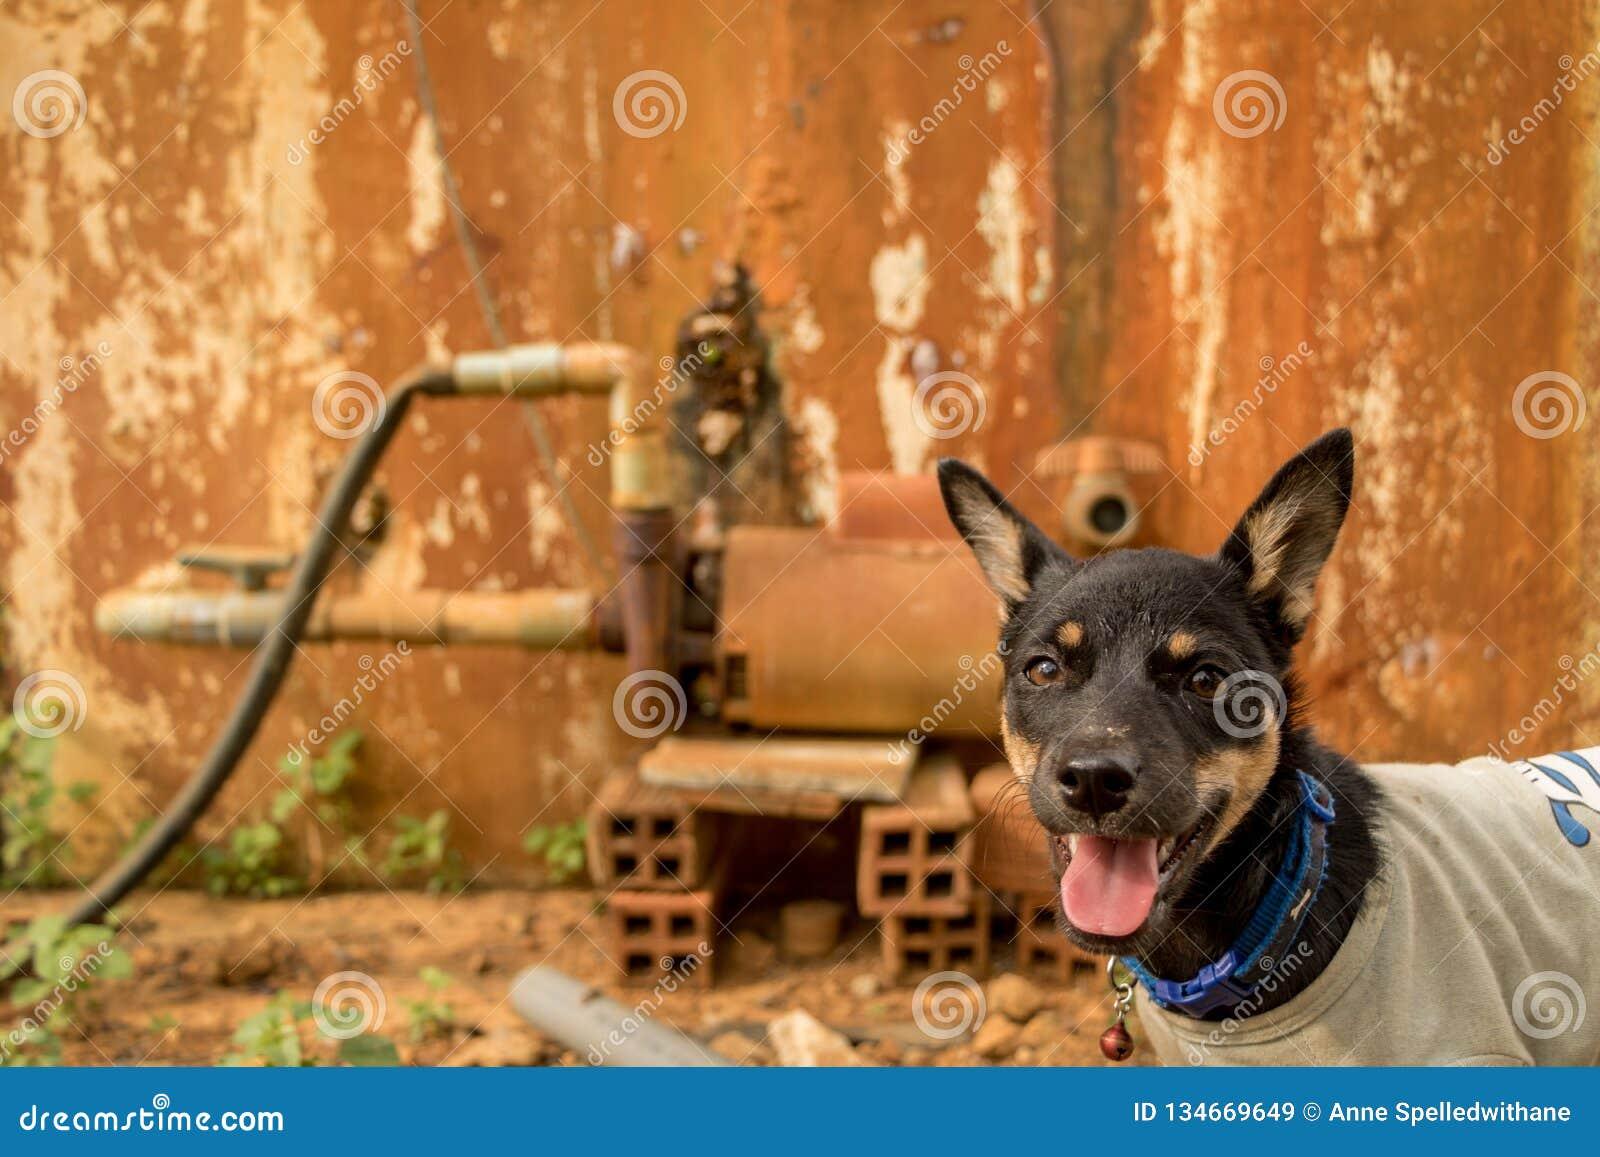 Gelukkig Weinig Puppy met de Tong uit - Huisdier die T-shirt dragen - Hond met Nieuwsgierig Gezicht - Uitstekende Kleurrijke Acht